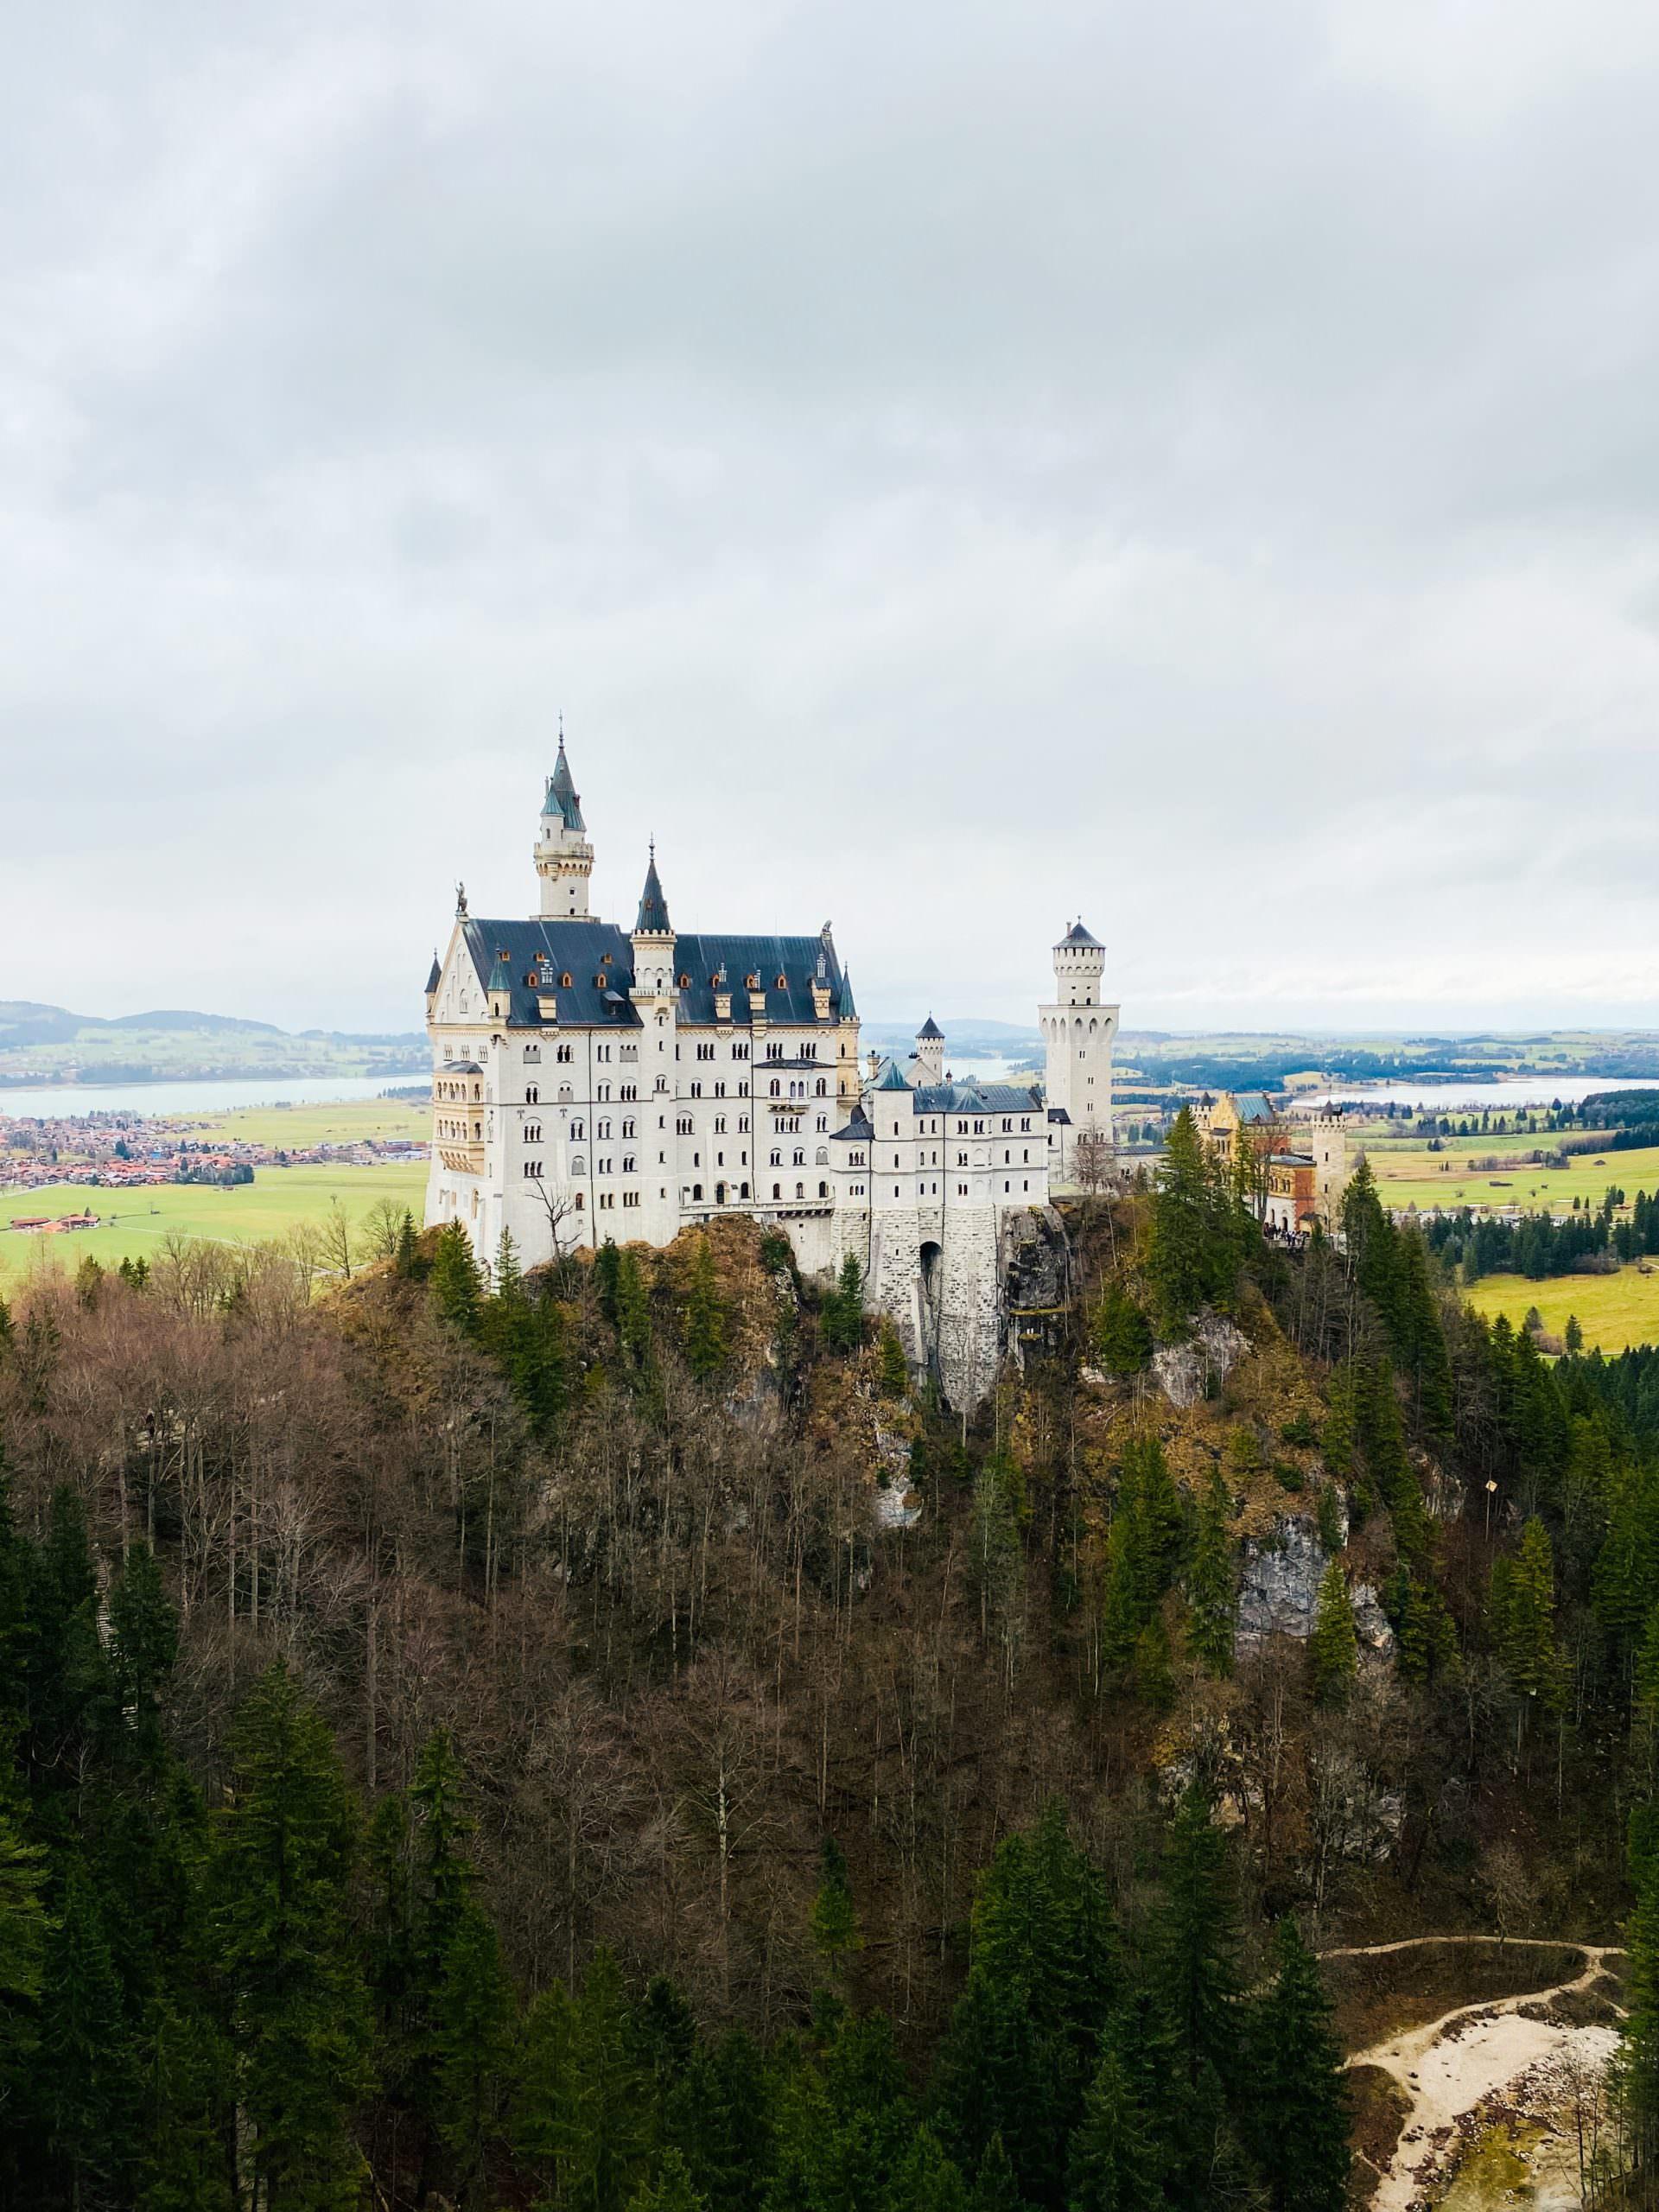 أفضل الأماكن للزيارة في بافاريا ، ألمانيا